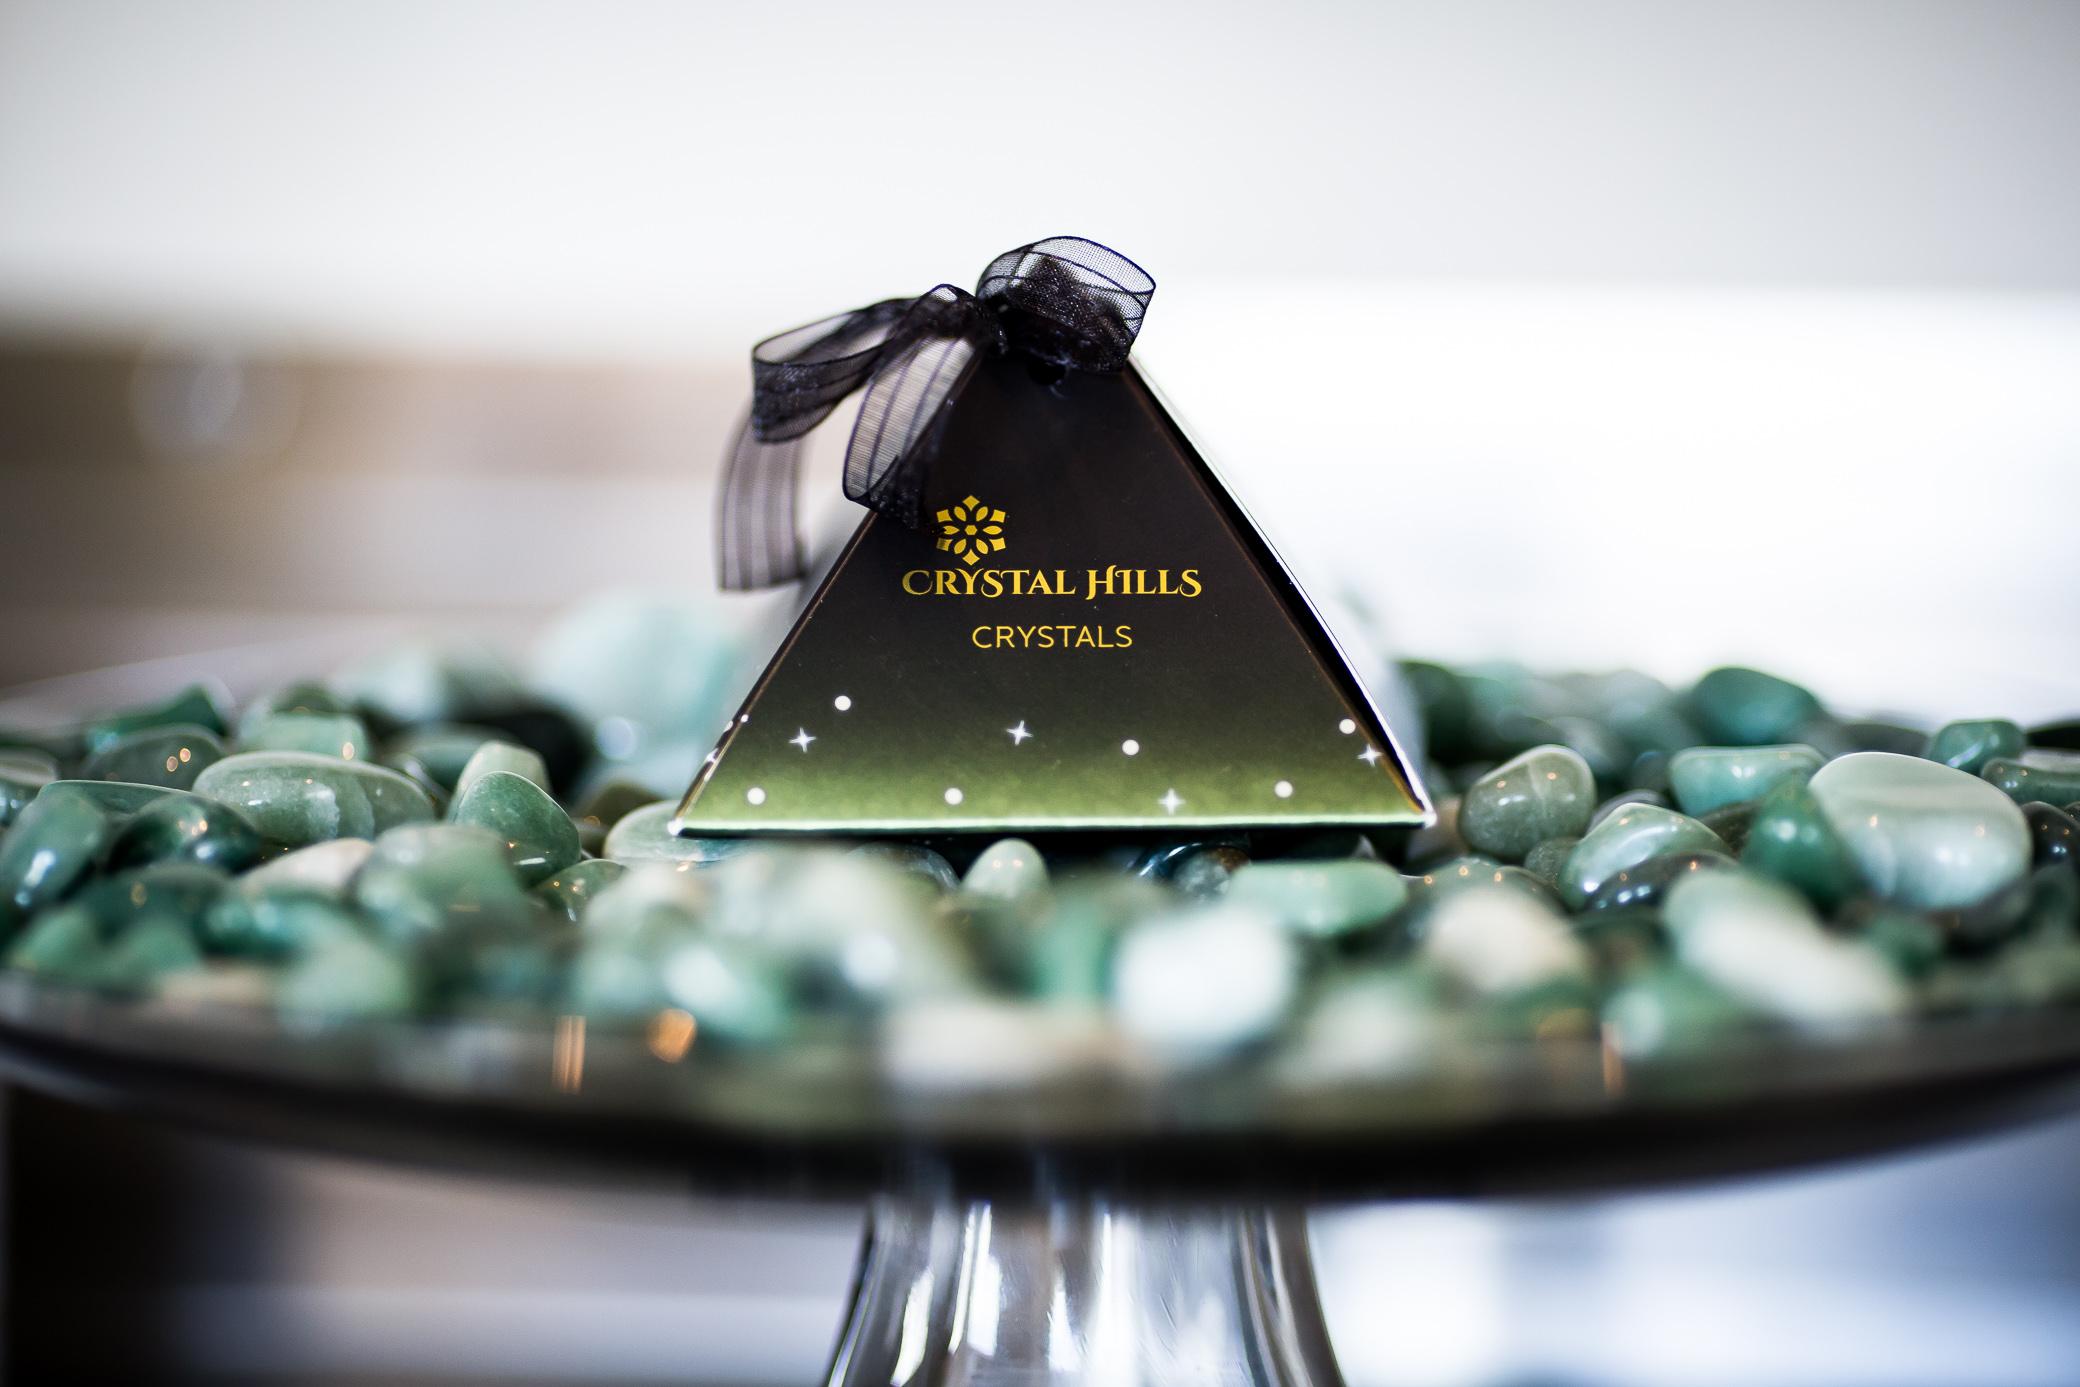 Green Aventurine crystals